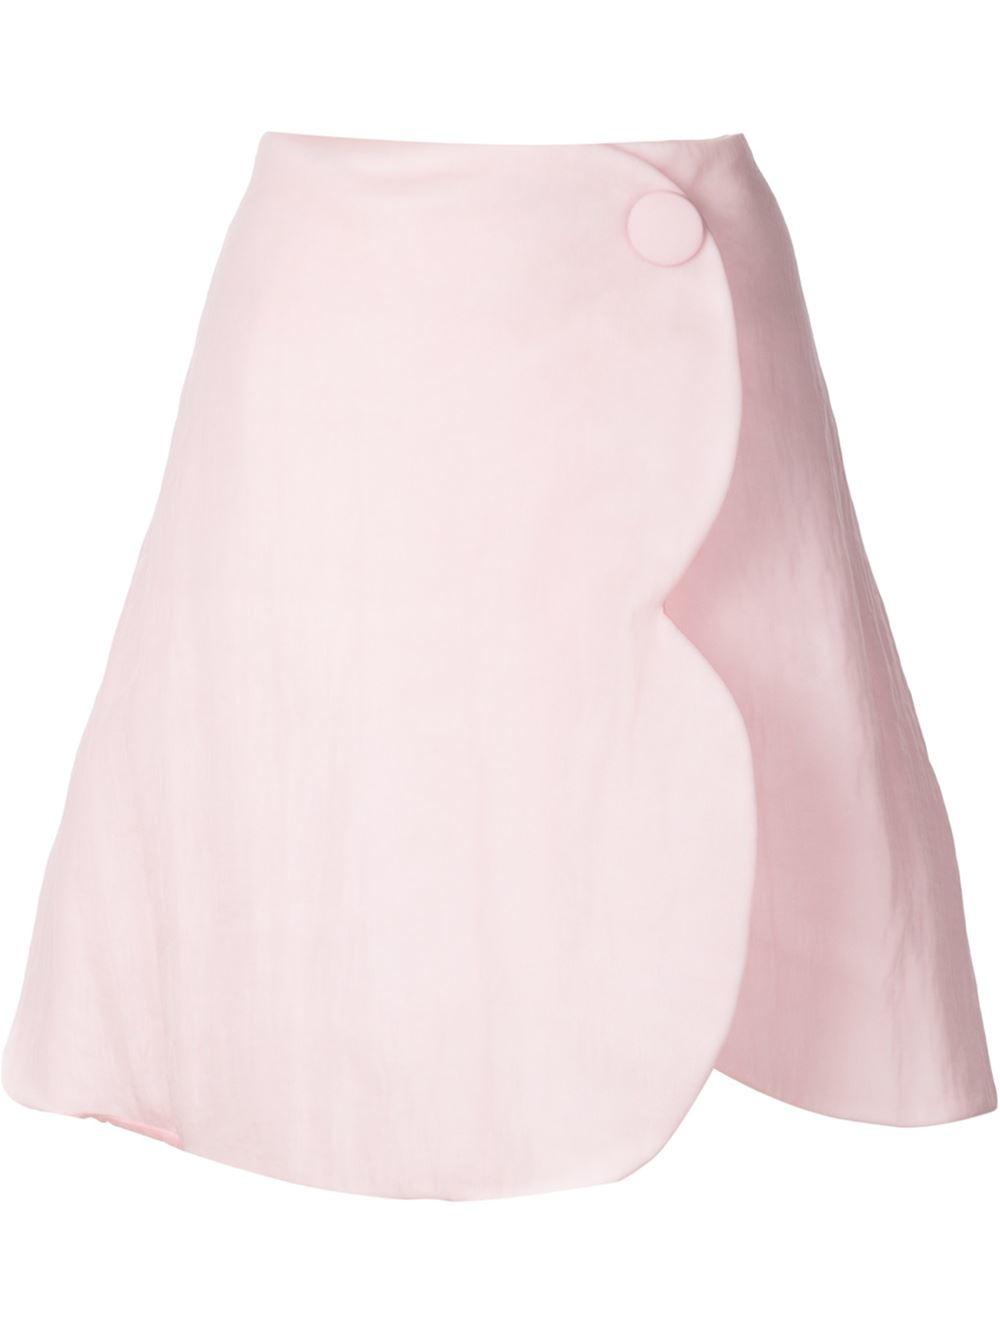 rocha wavy cut a line wrap skirt in pink lyst